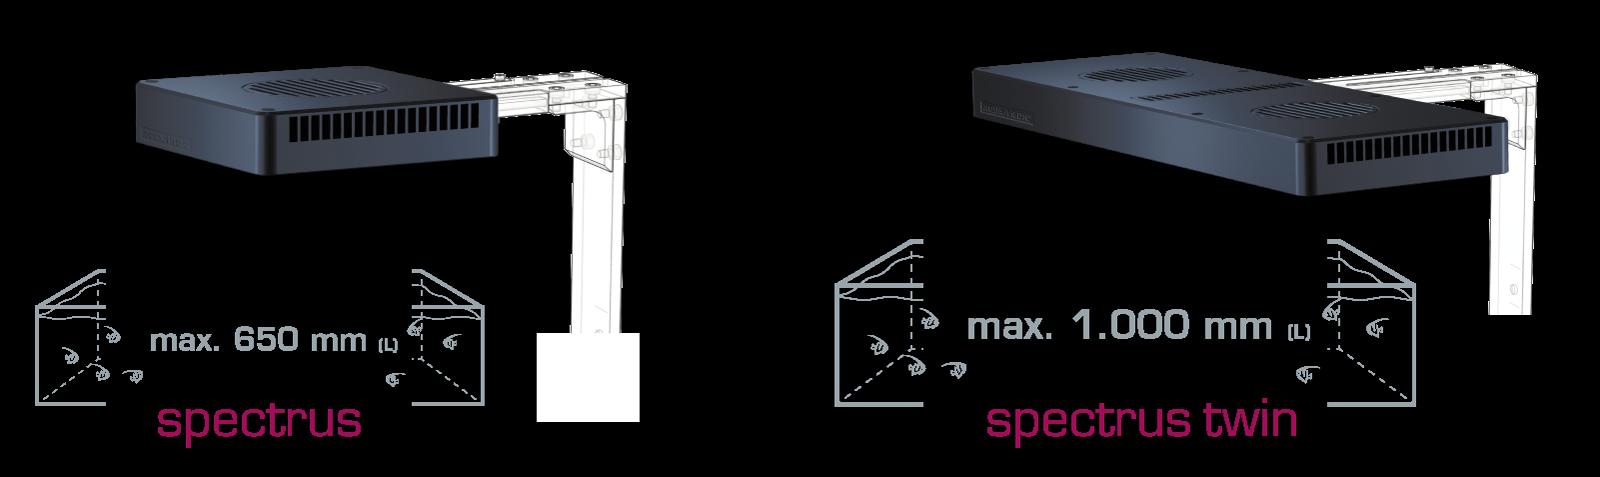 Aqua Medic spectrus 25